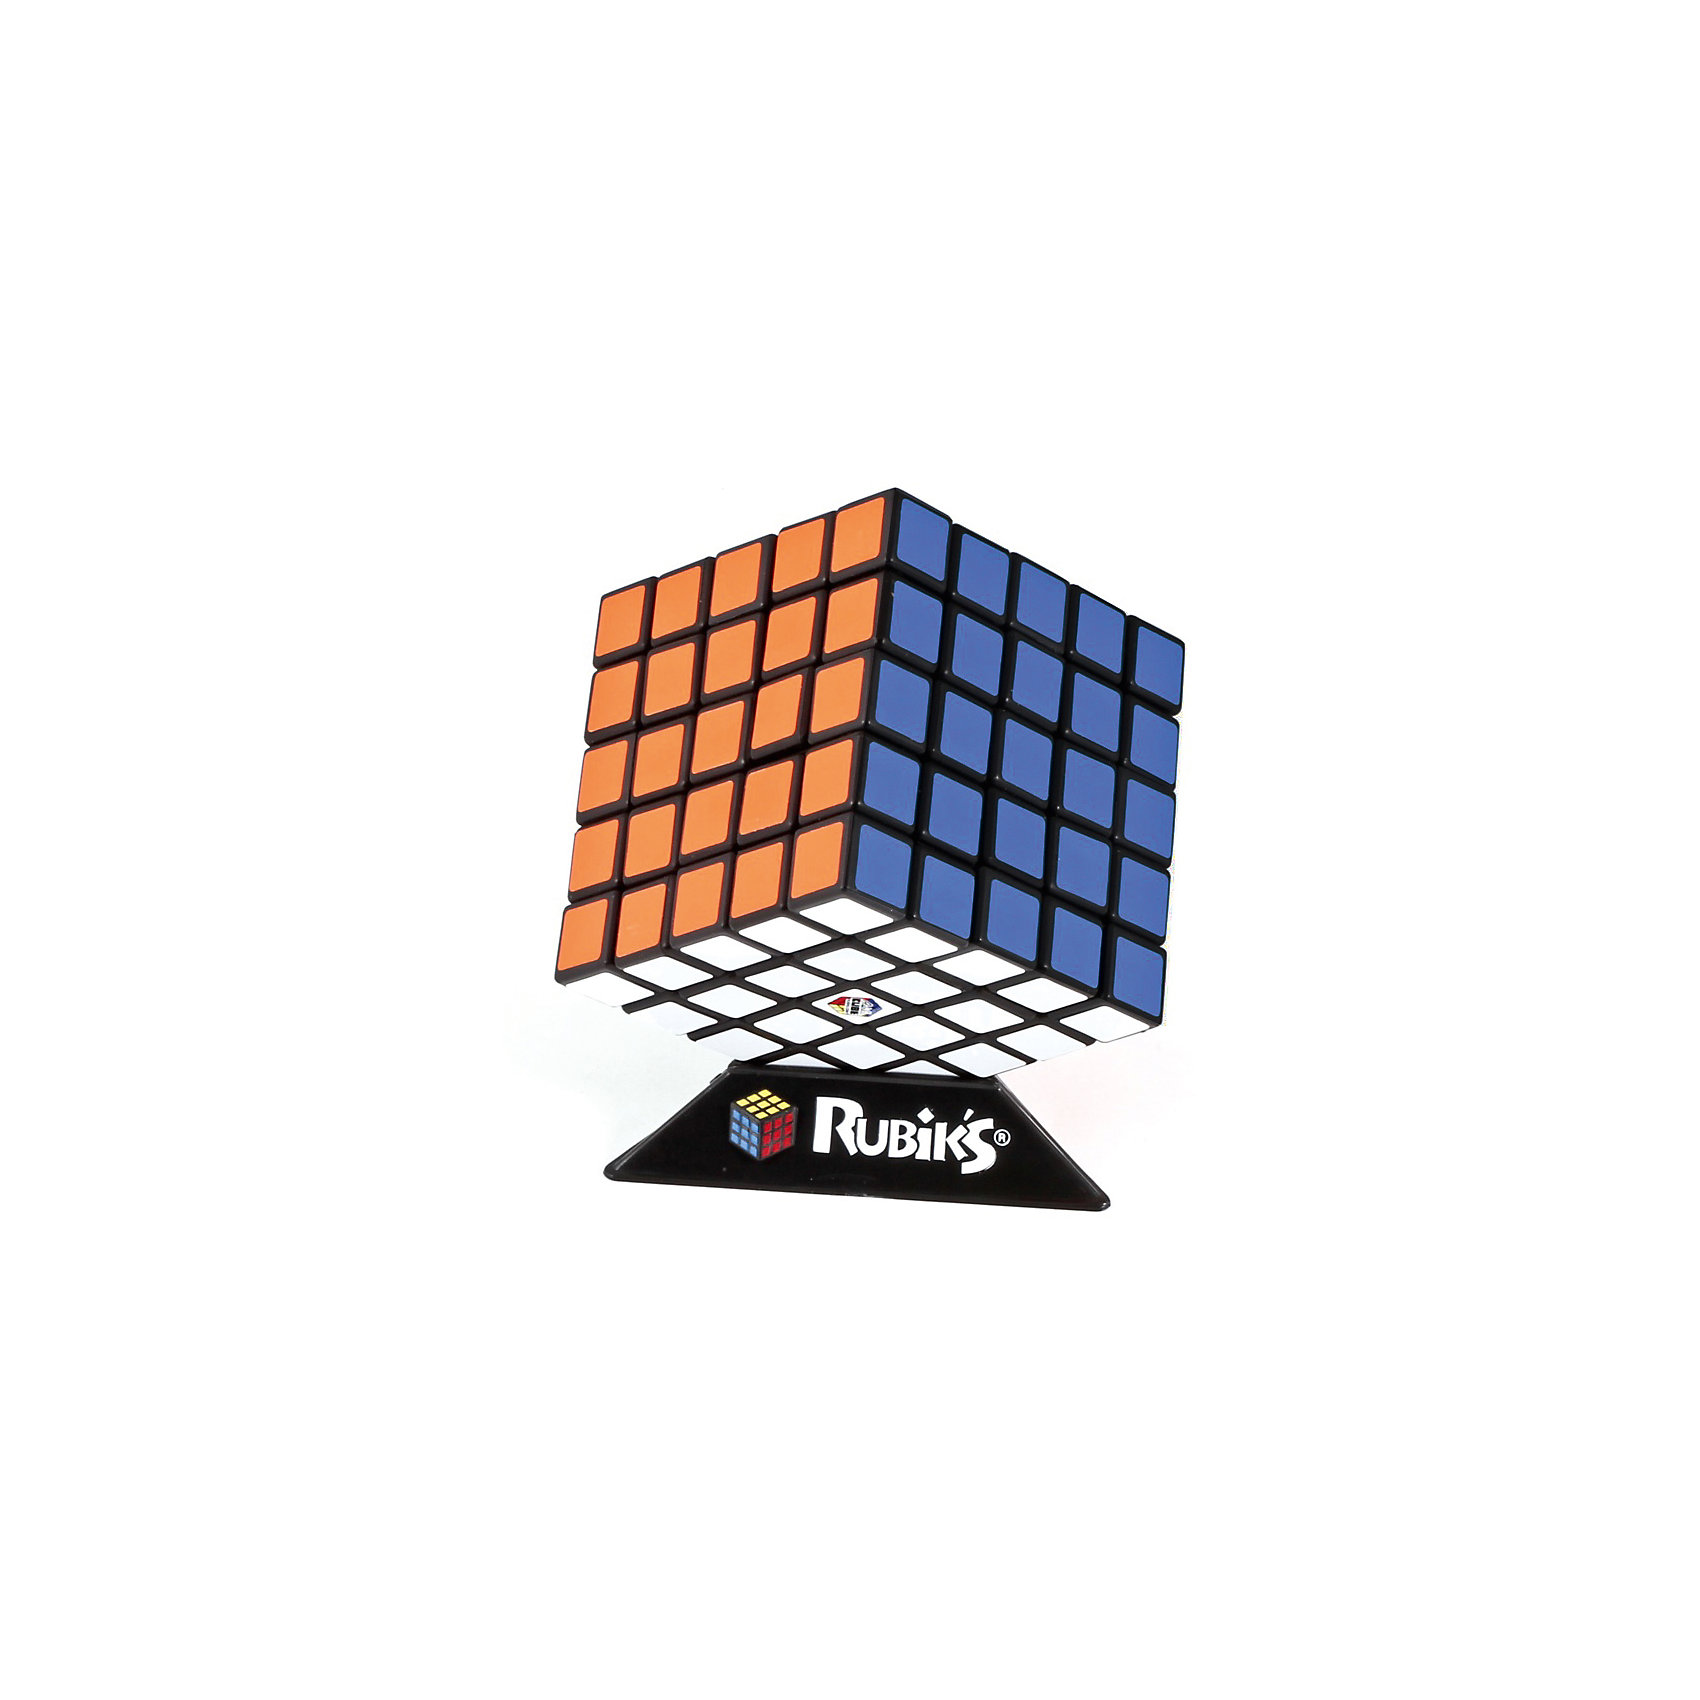 Кубик Рубика 5х5,  Rubik's от myToys